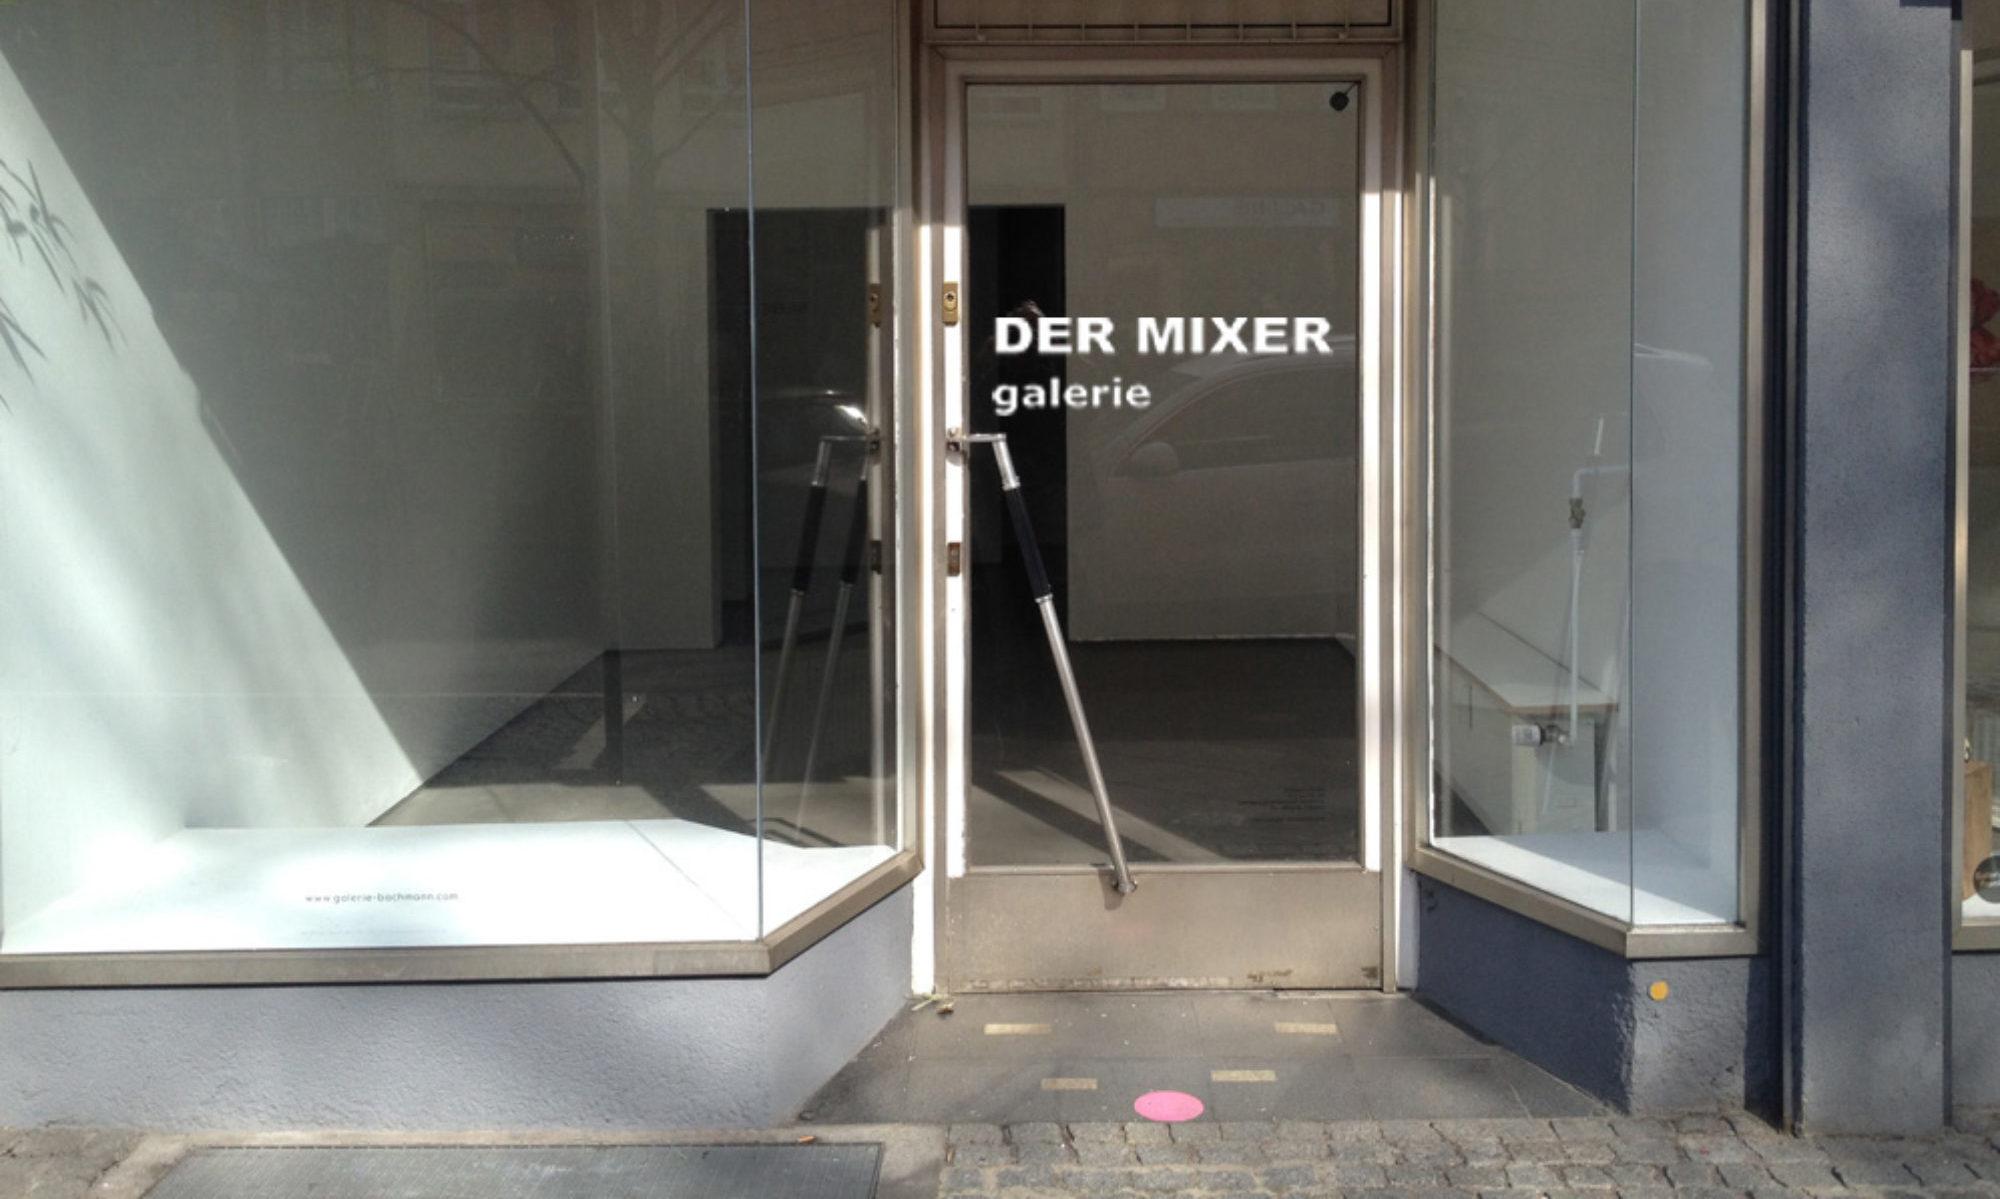 DER MIXER